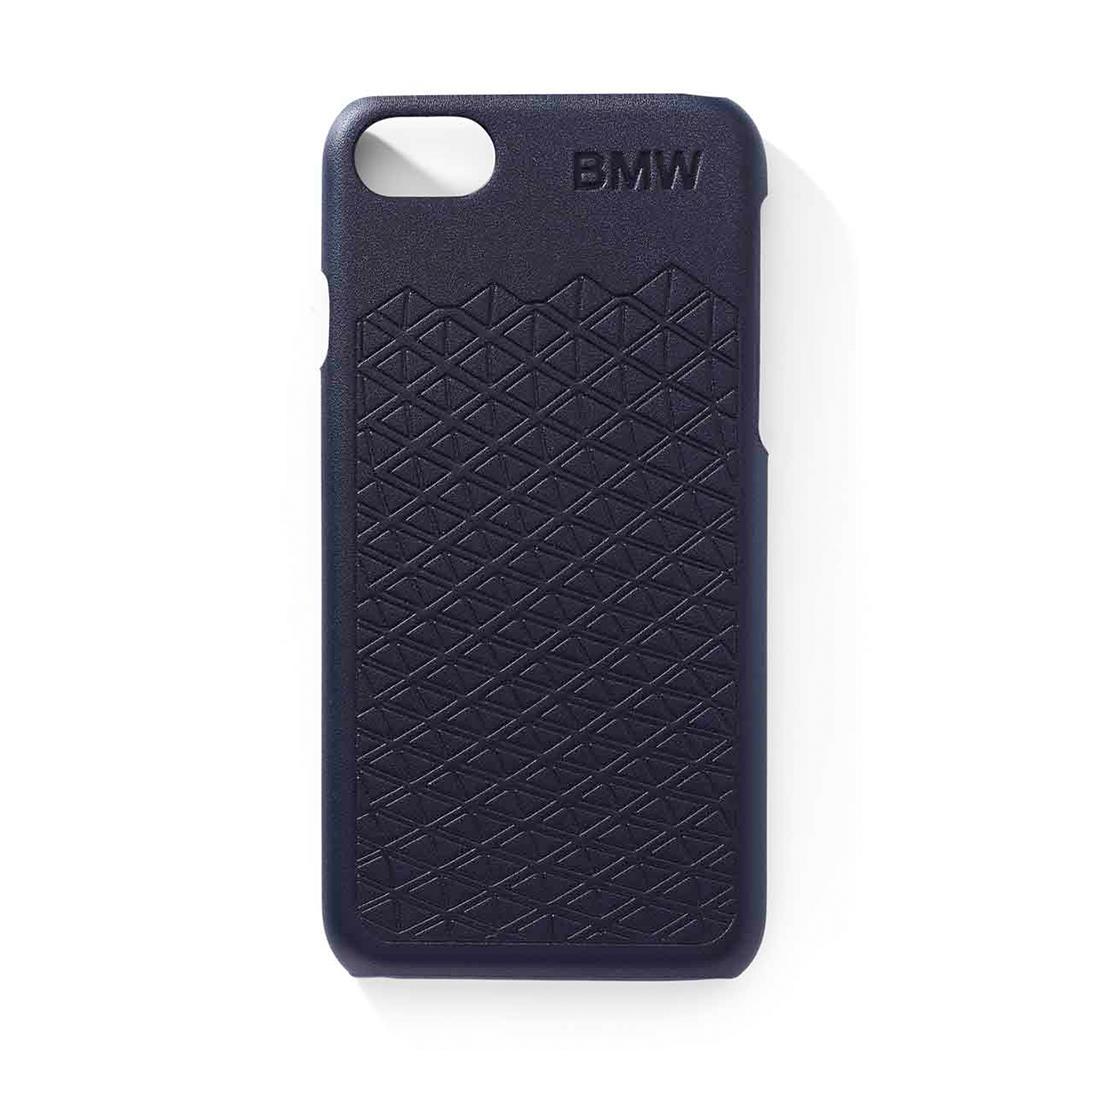 bmw iphone 7 8 case. Black Bedroom Furniture Sets. Home Design Ideas